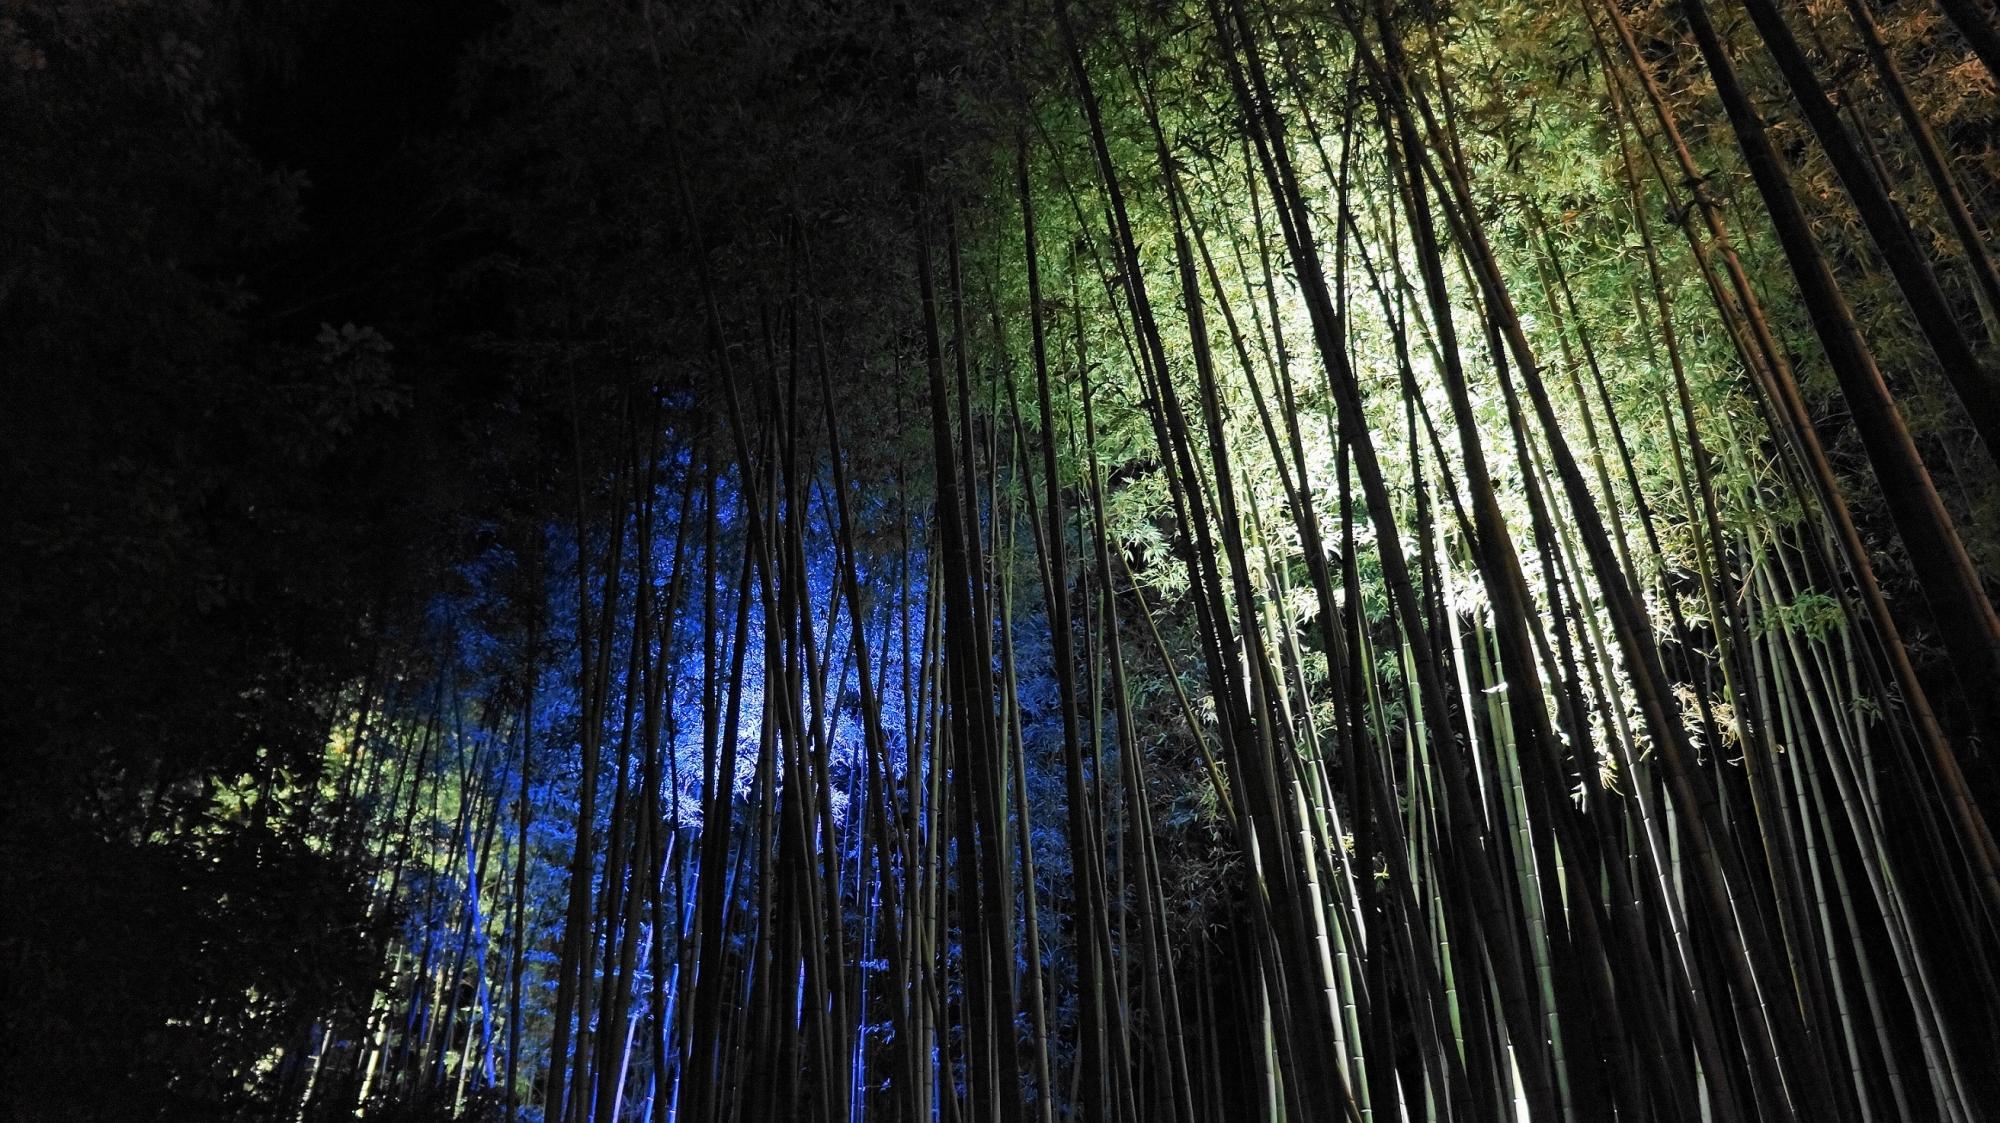 嵐山花灯路の青色のライトアップ